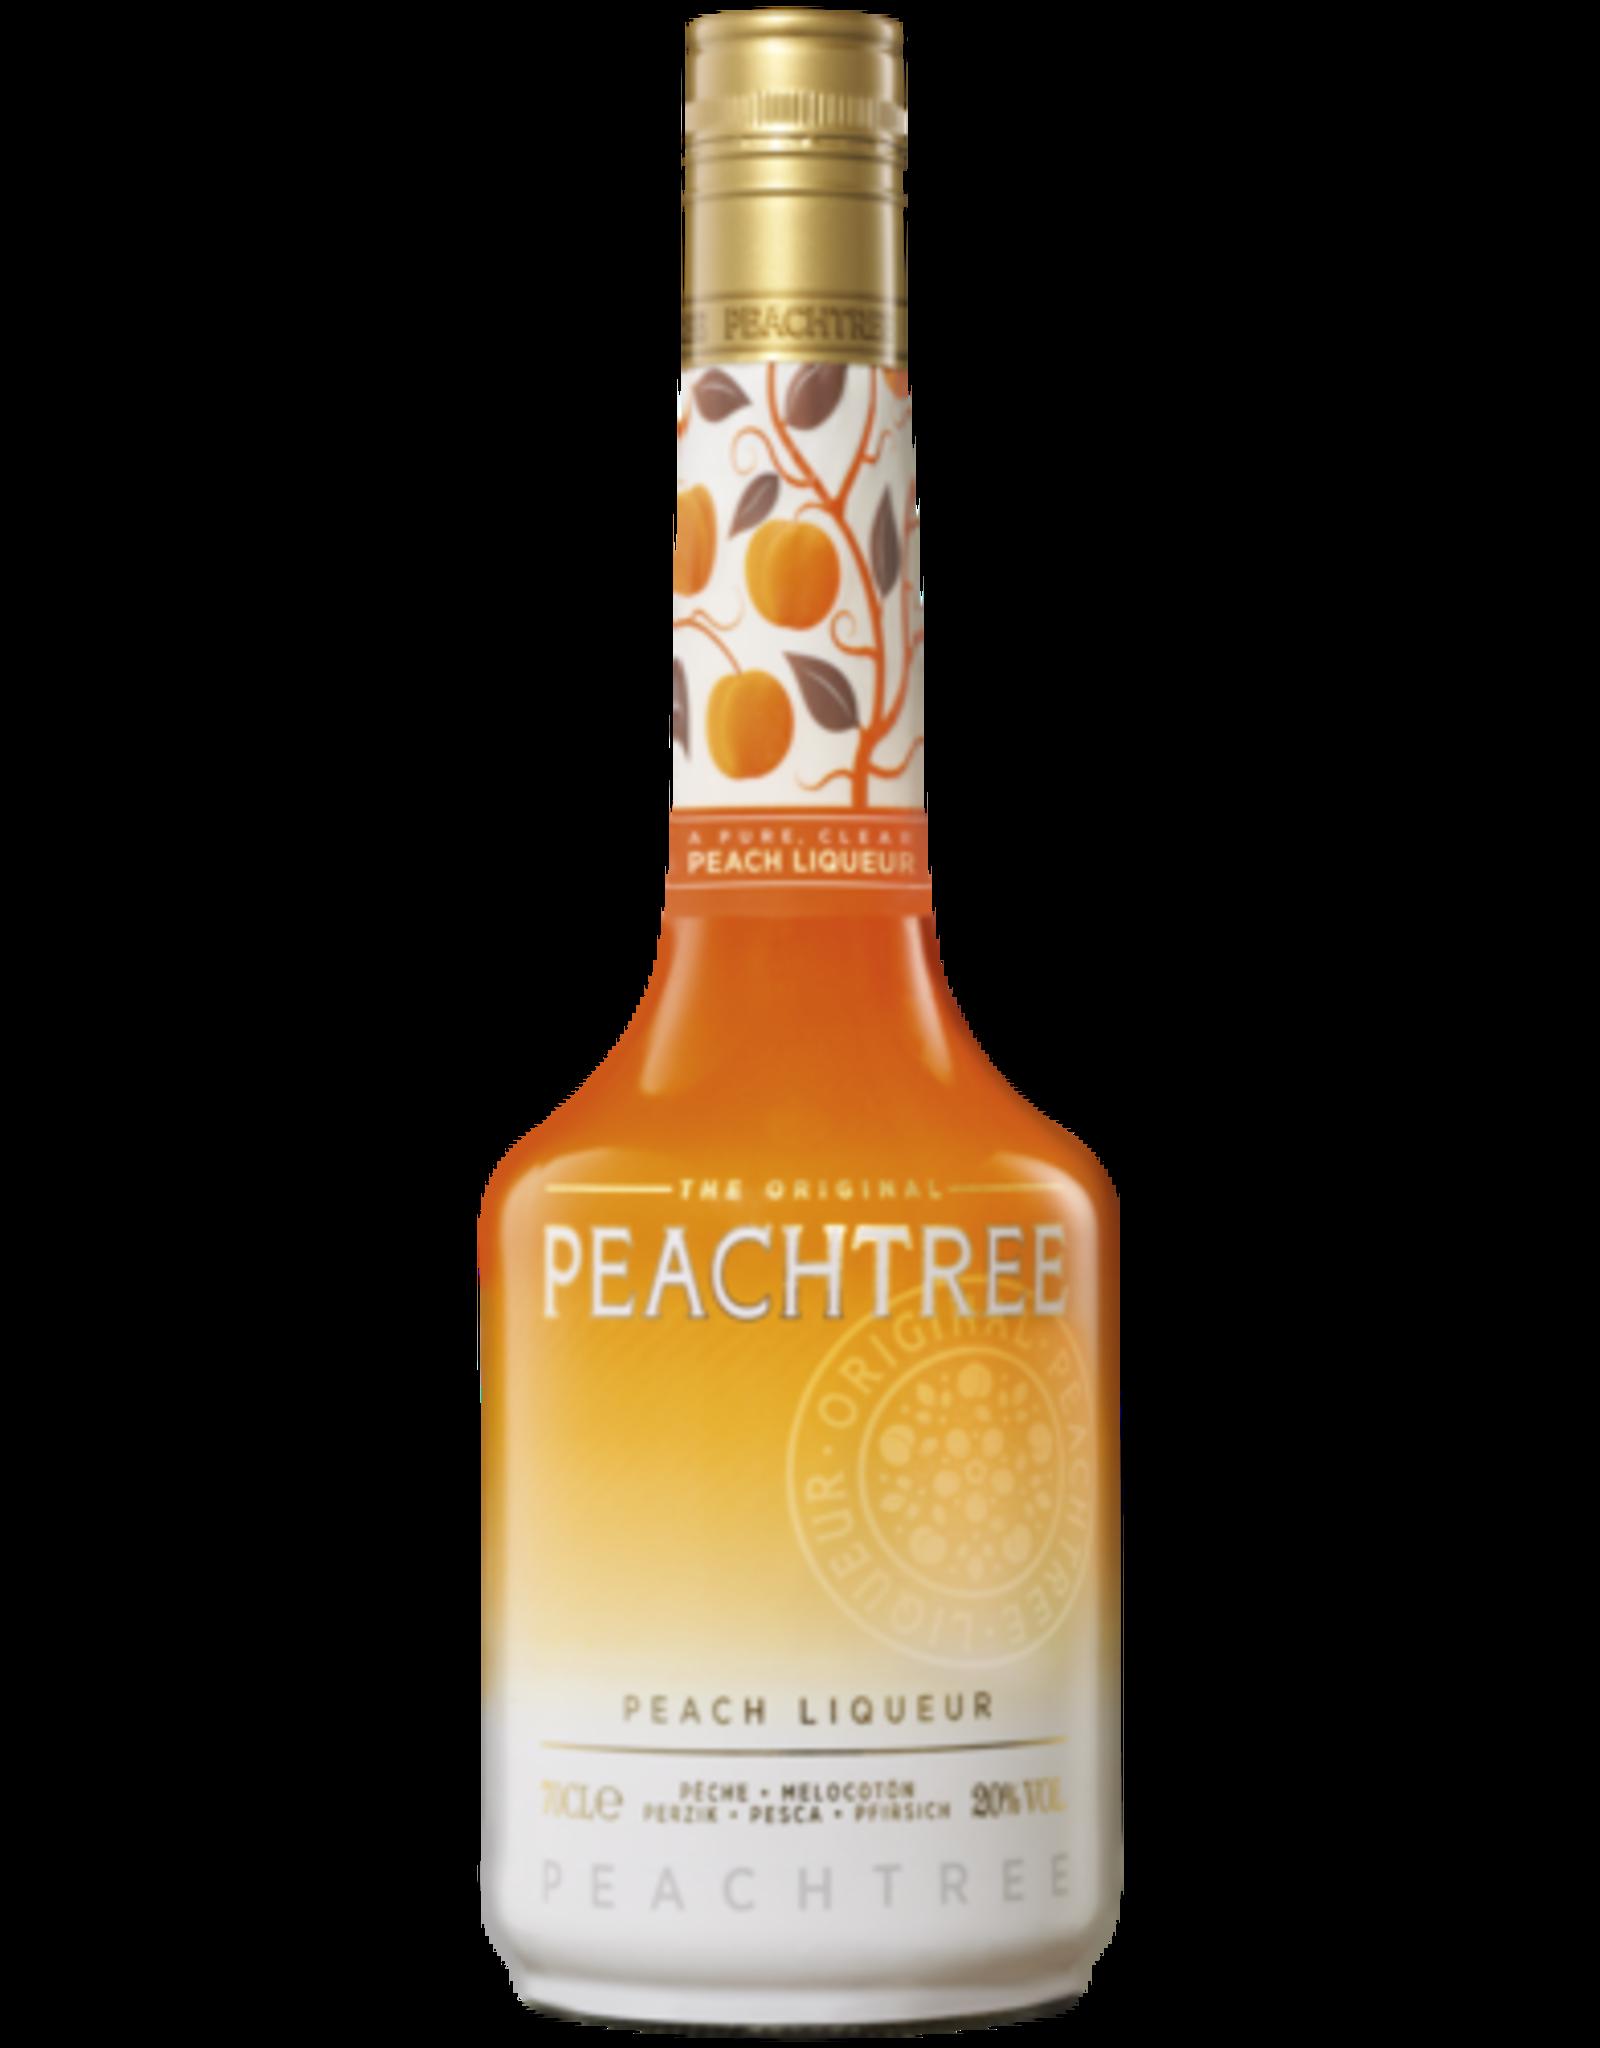 De Kuyper De Kuyper Peach Tree 70cl